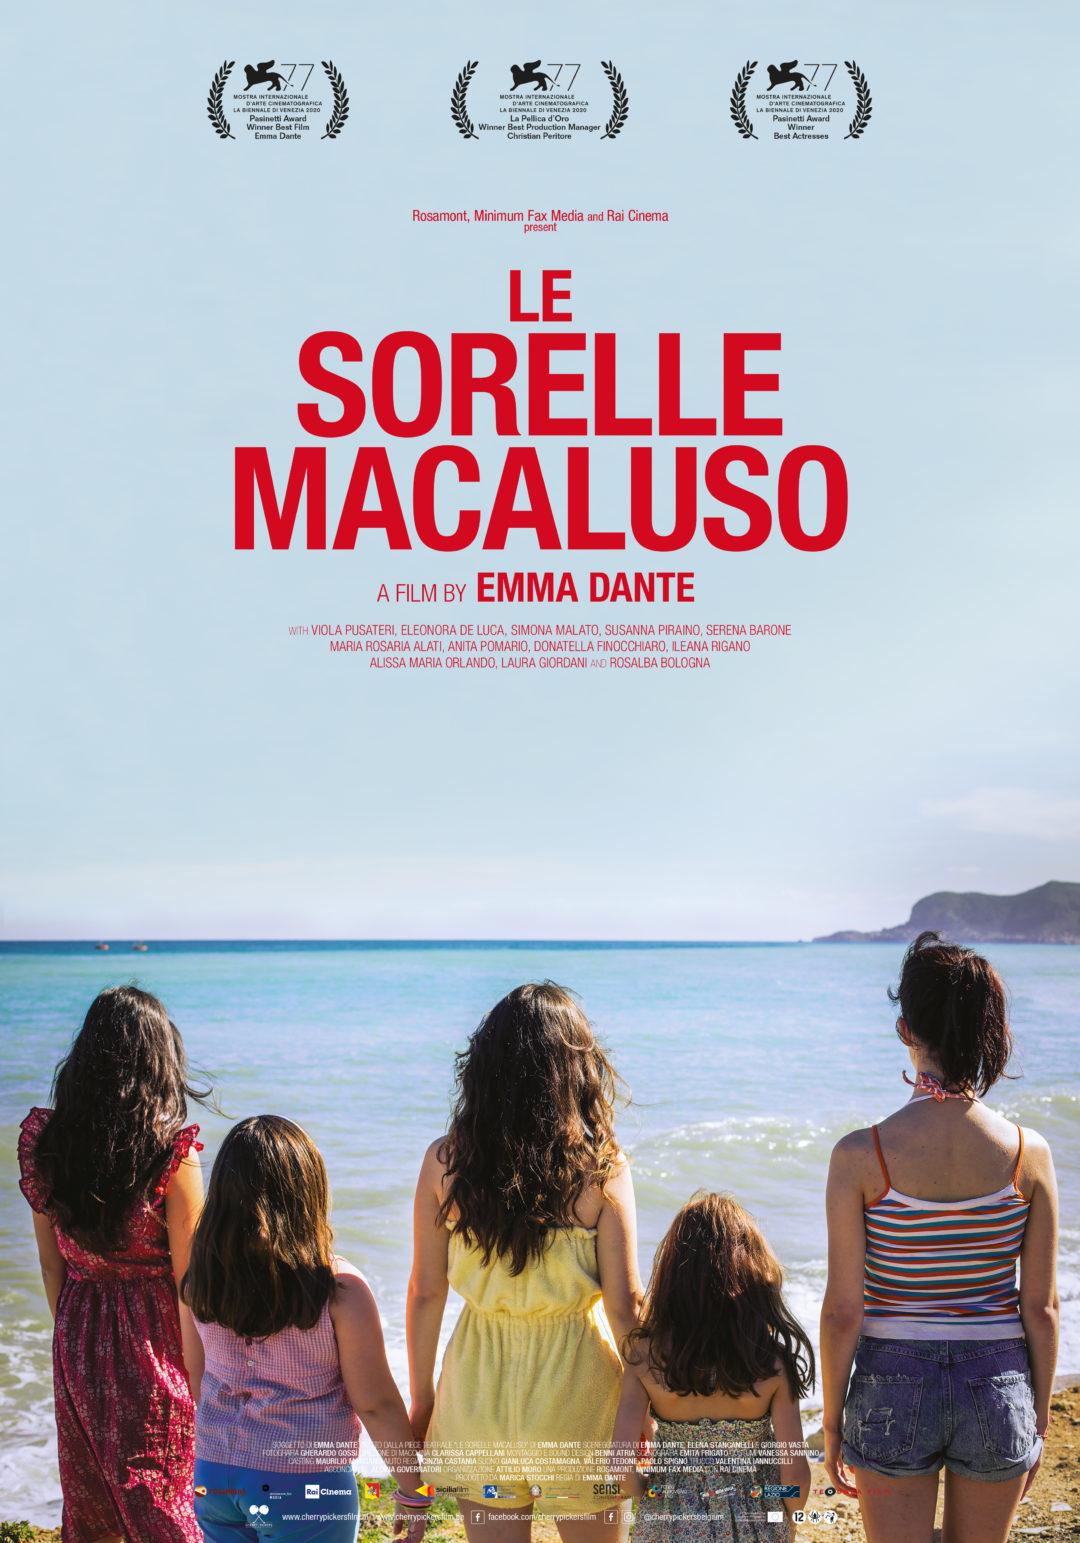 Le-Sorelle-Macaluso_ps_1_jpg_sd-high.jpg